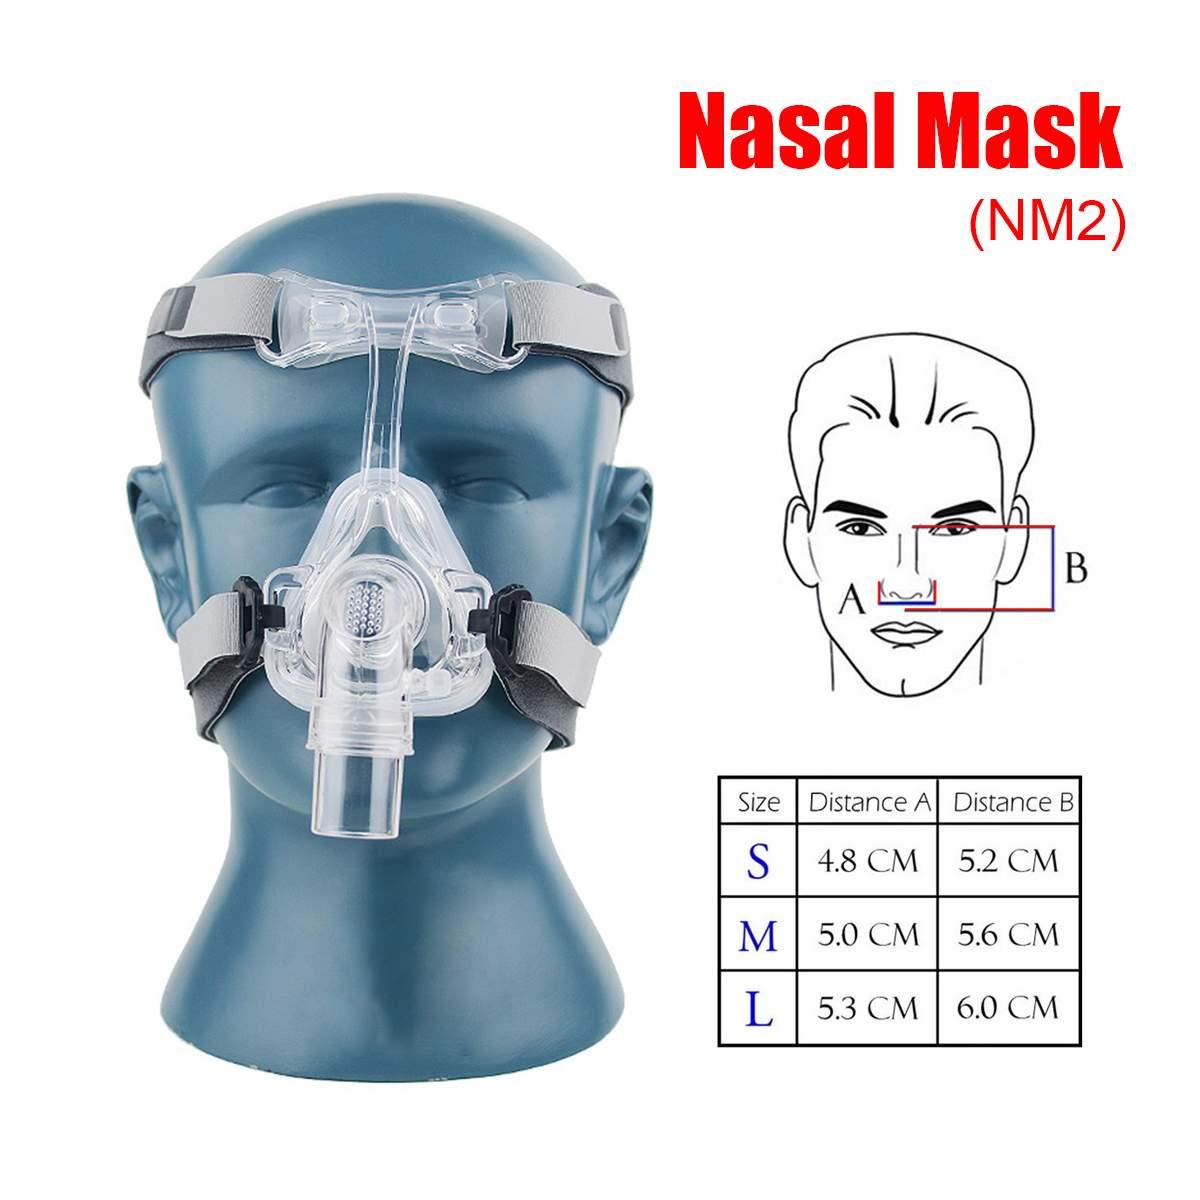 S/M/L Taille CPAP Masque Masque Nasal NM2 Avec Sangle Réglable Coiffures Masques Respiratoires Pour L'apnée Du Sommeil nasal Anti Ronflement Traitement